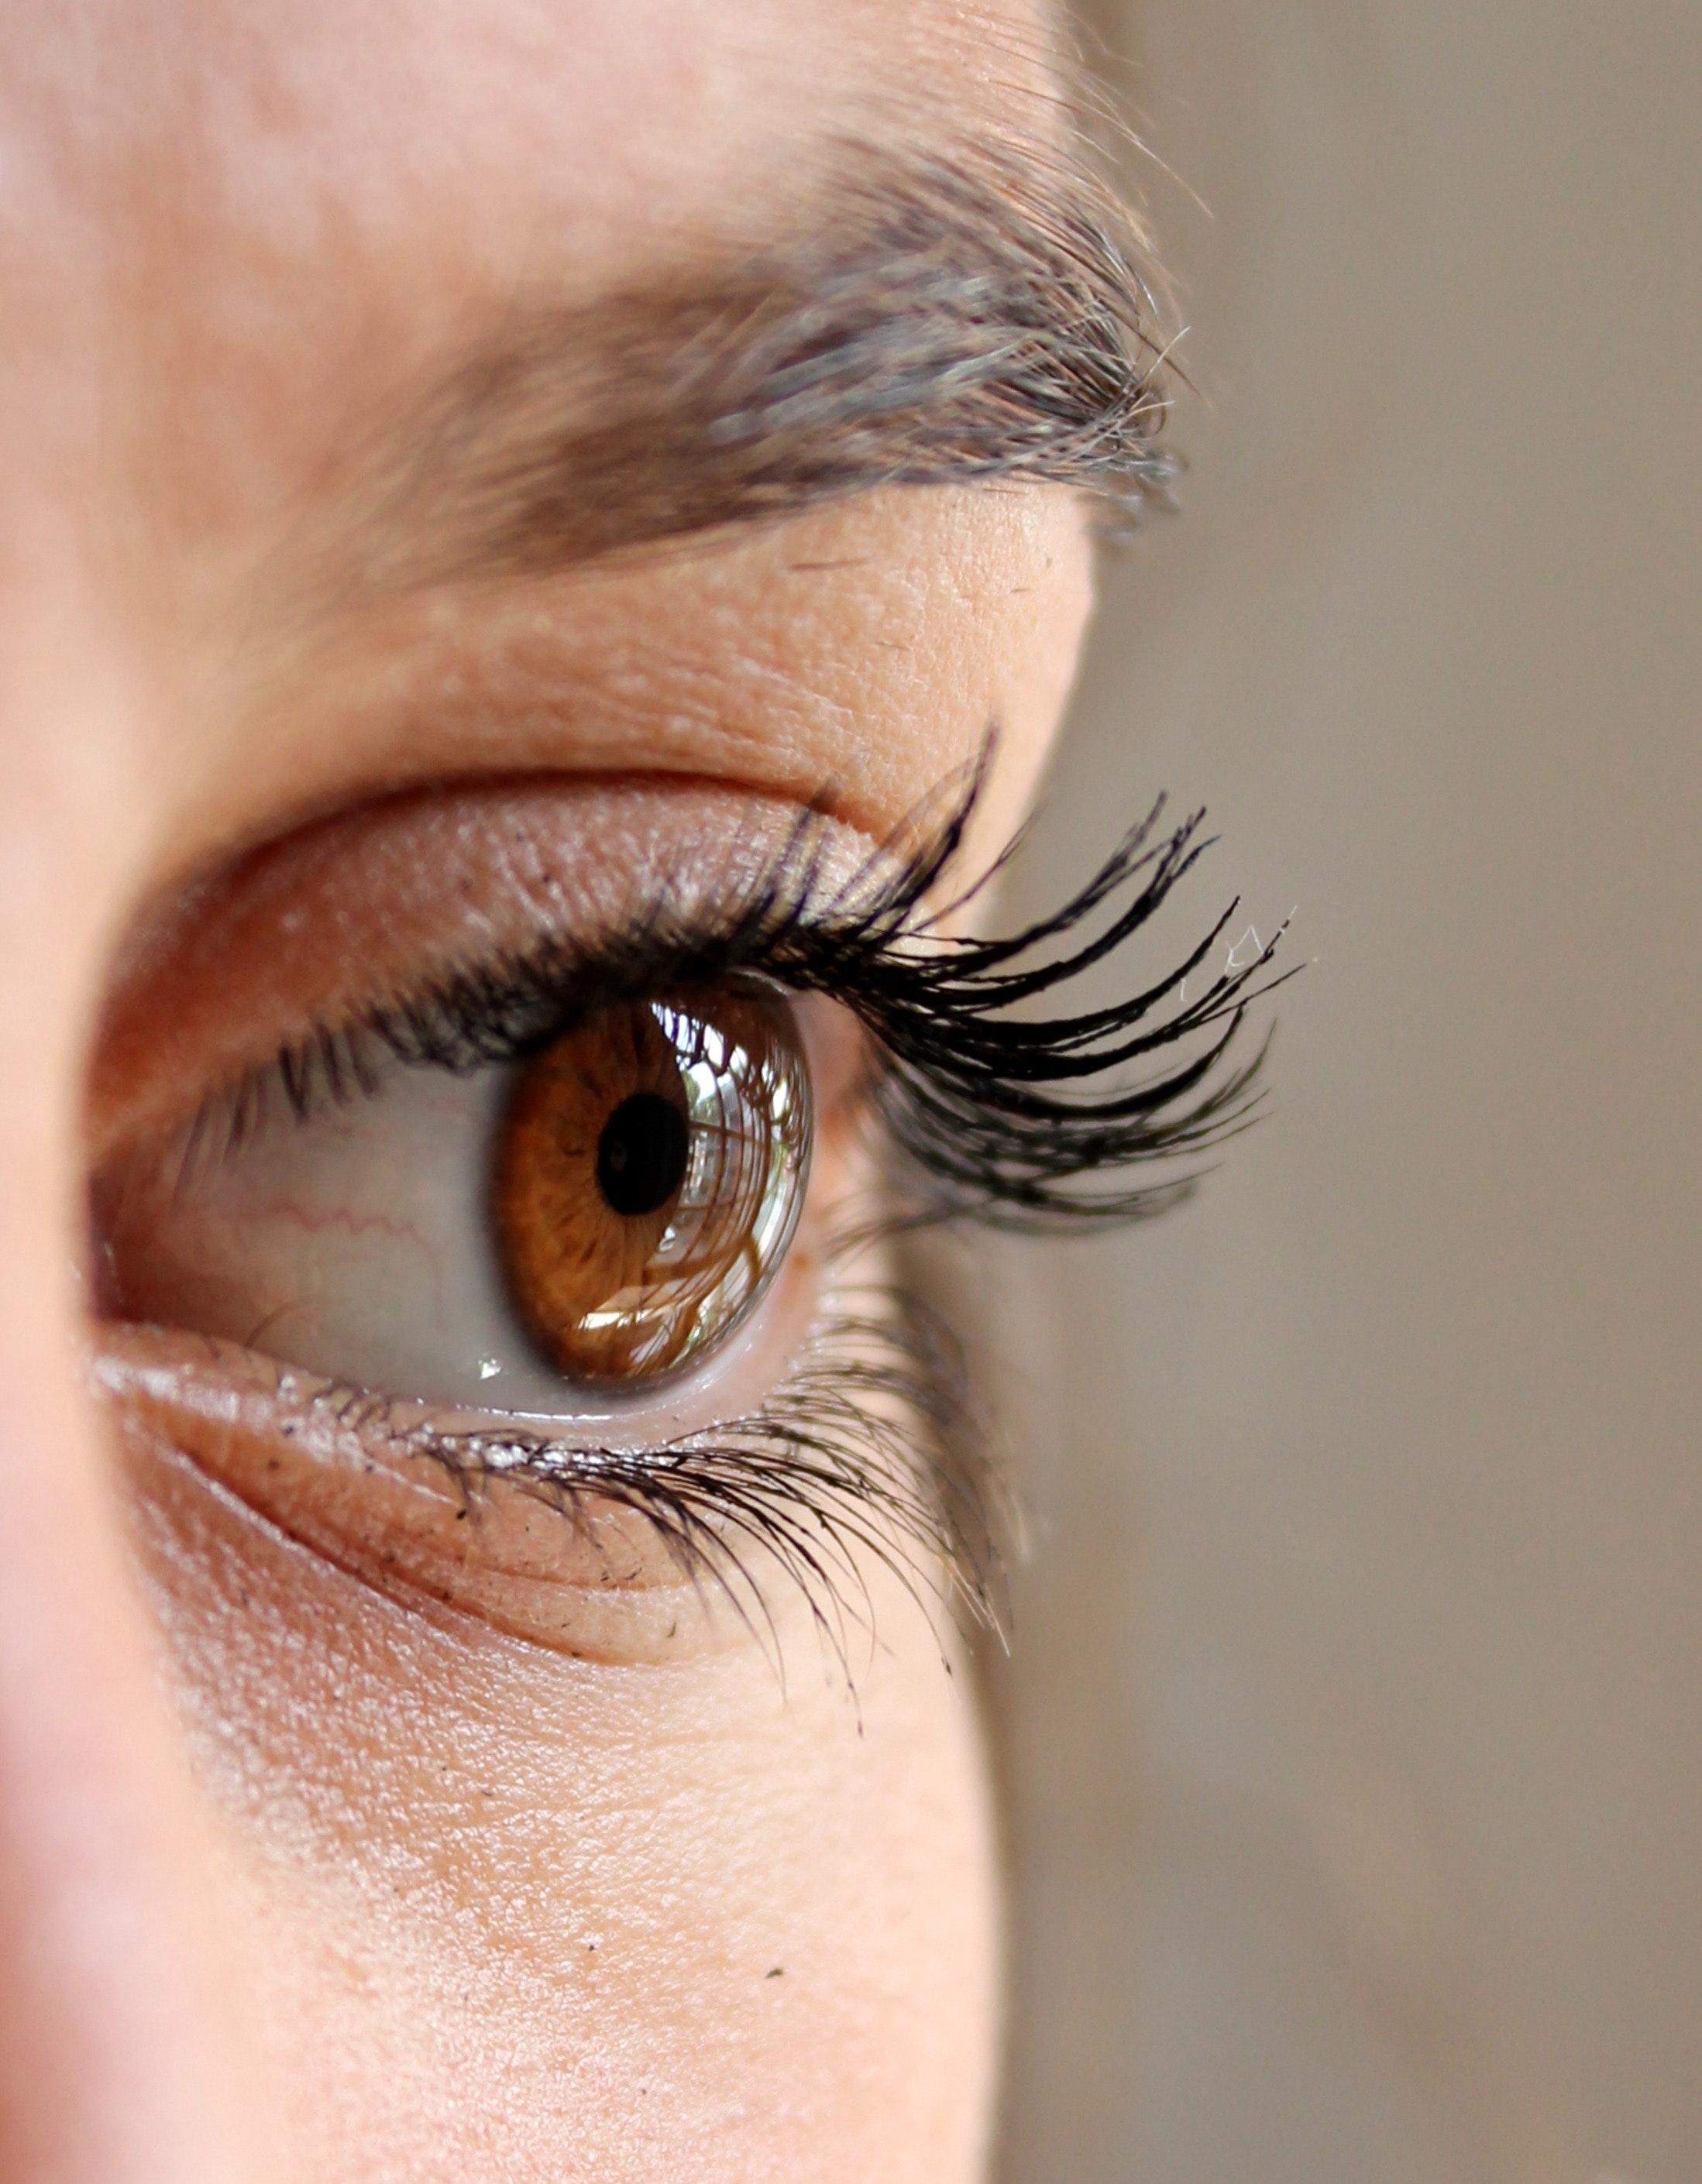 Women's Black Mascara, Close-up, Eye, Eyebrow, Eyelashes, HQ Photo